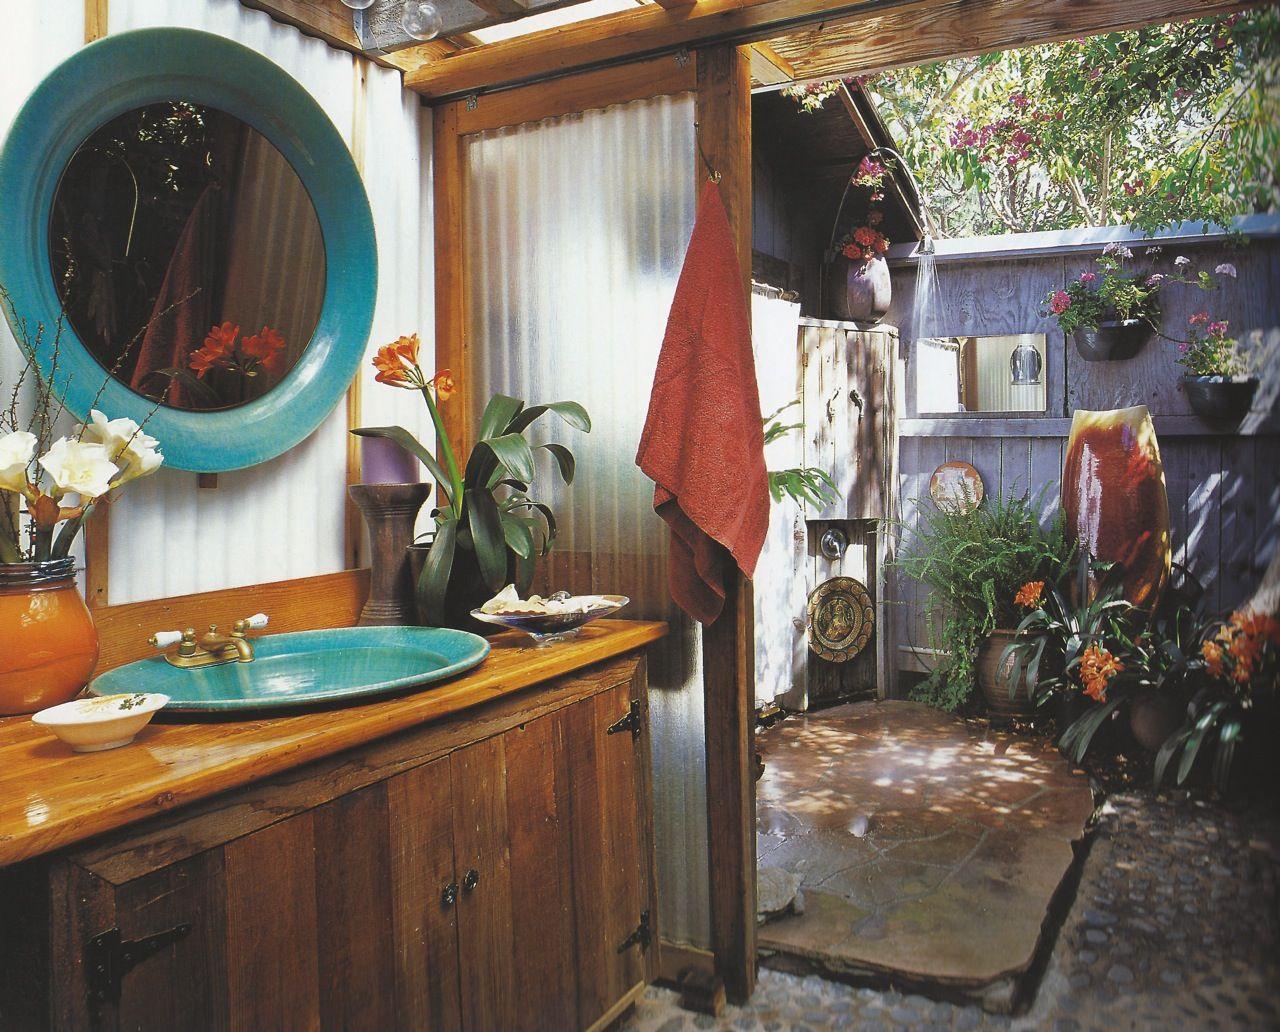 Very us hippie coastal chic malibu bathroom by carl gillberg